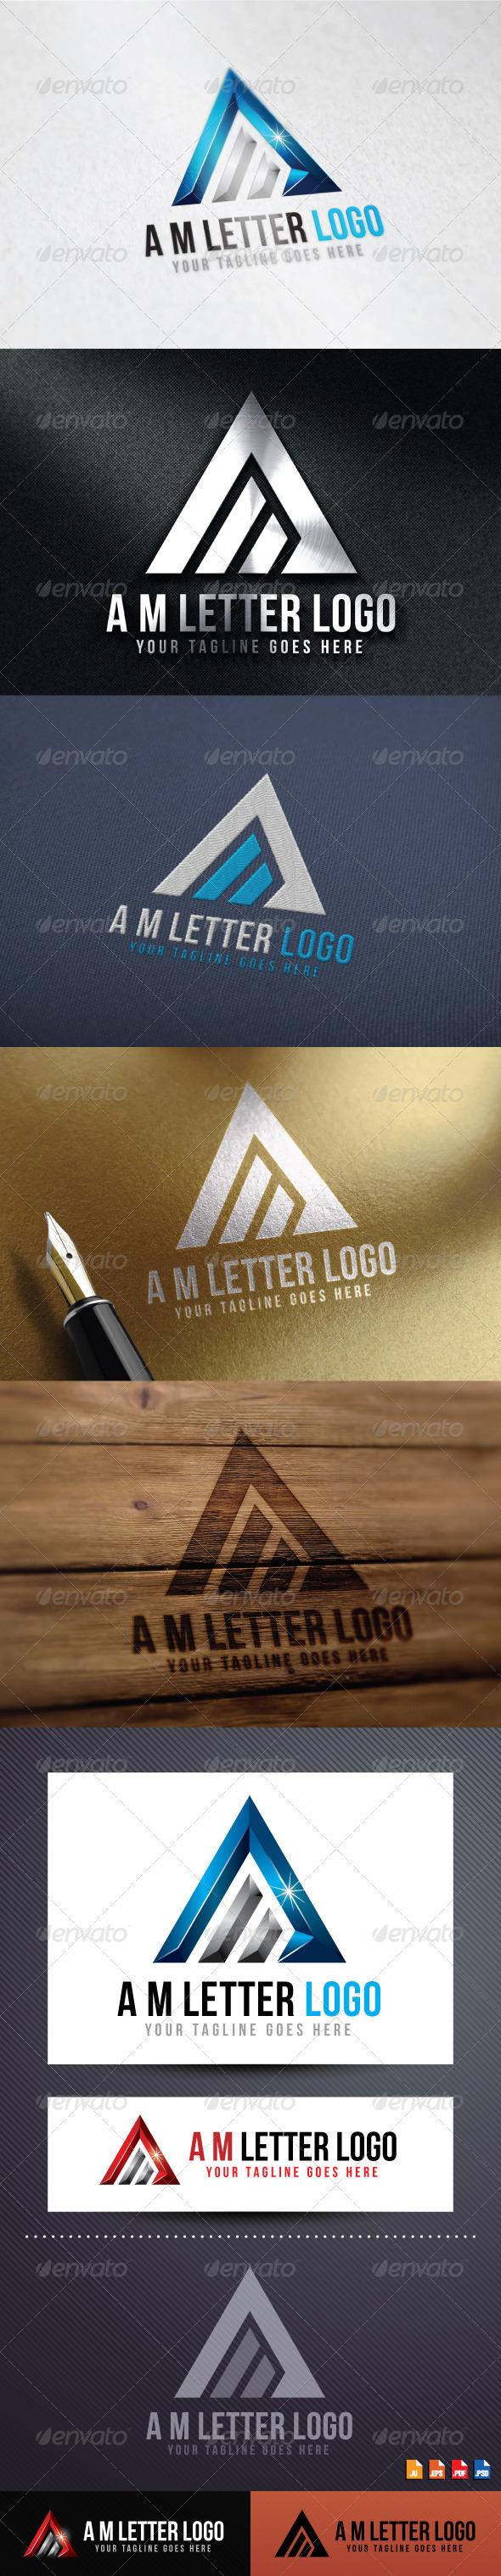 GraphicRiver A M Letter Logo 8646538